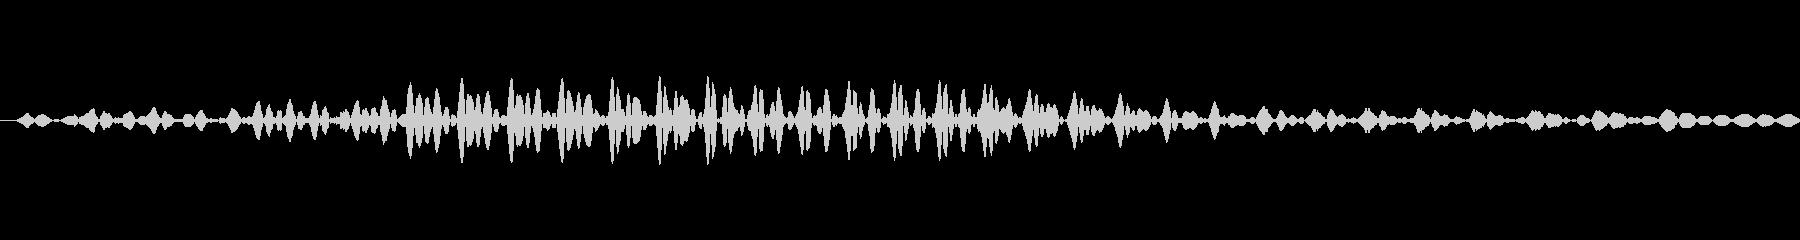 ロン (麻雀)の未再生の波形